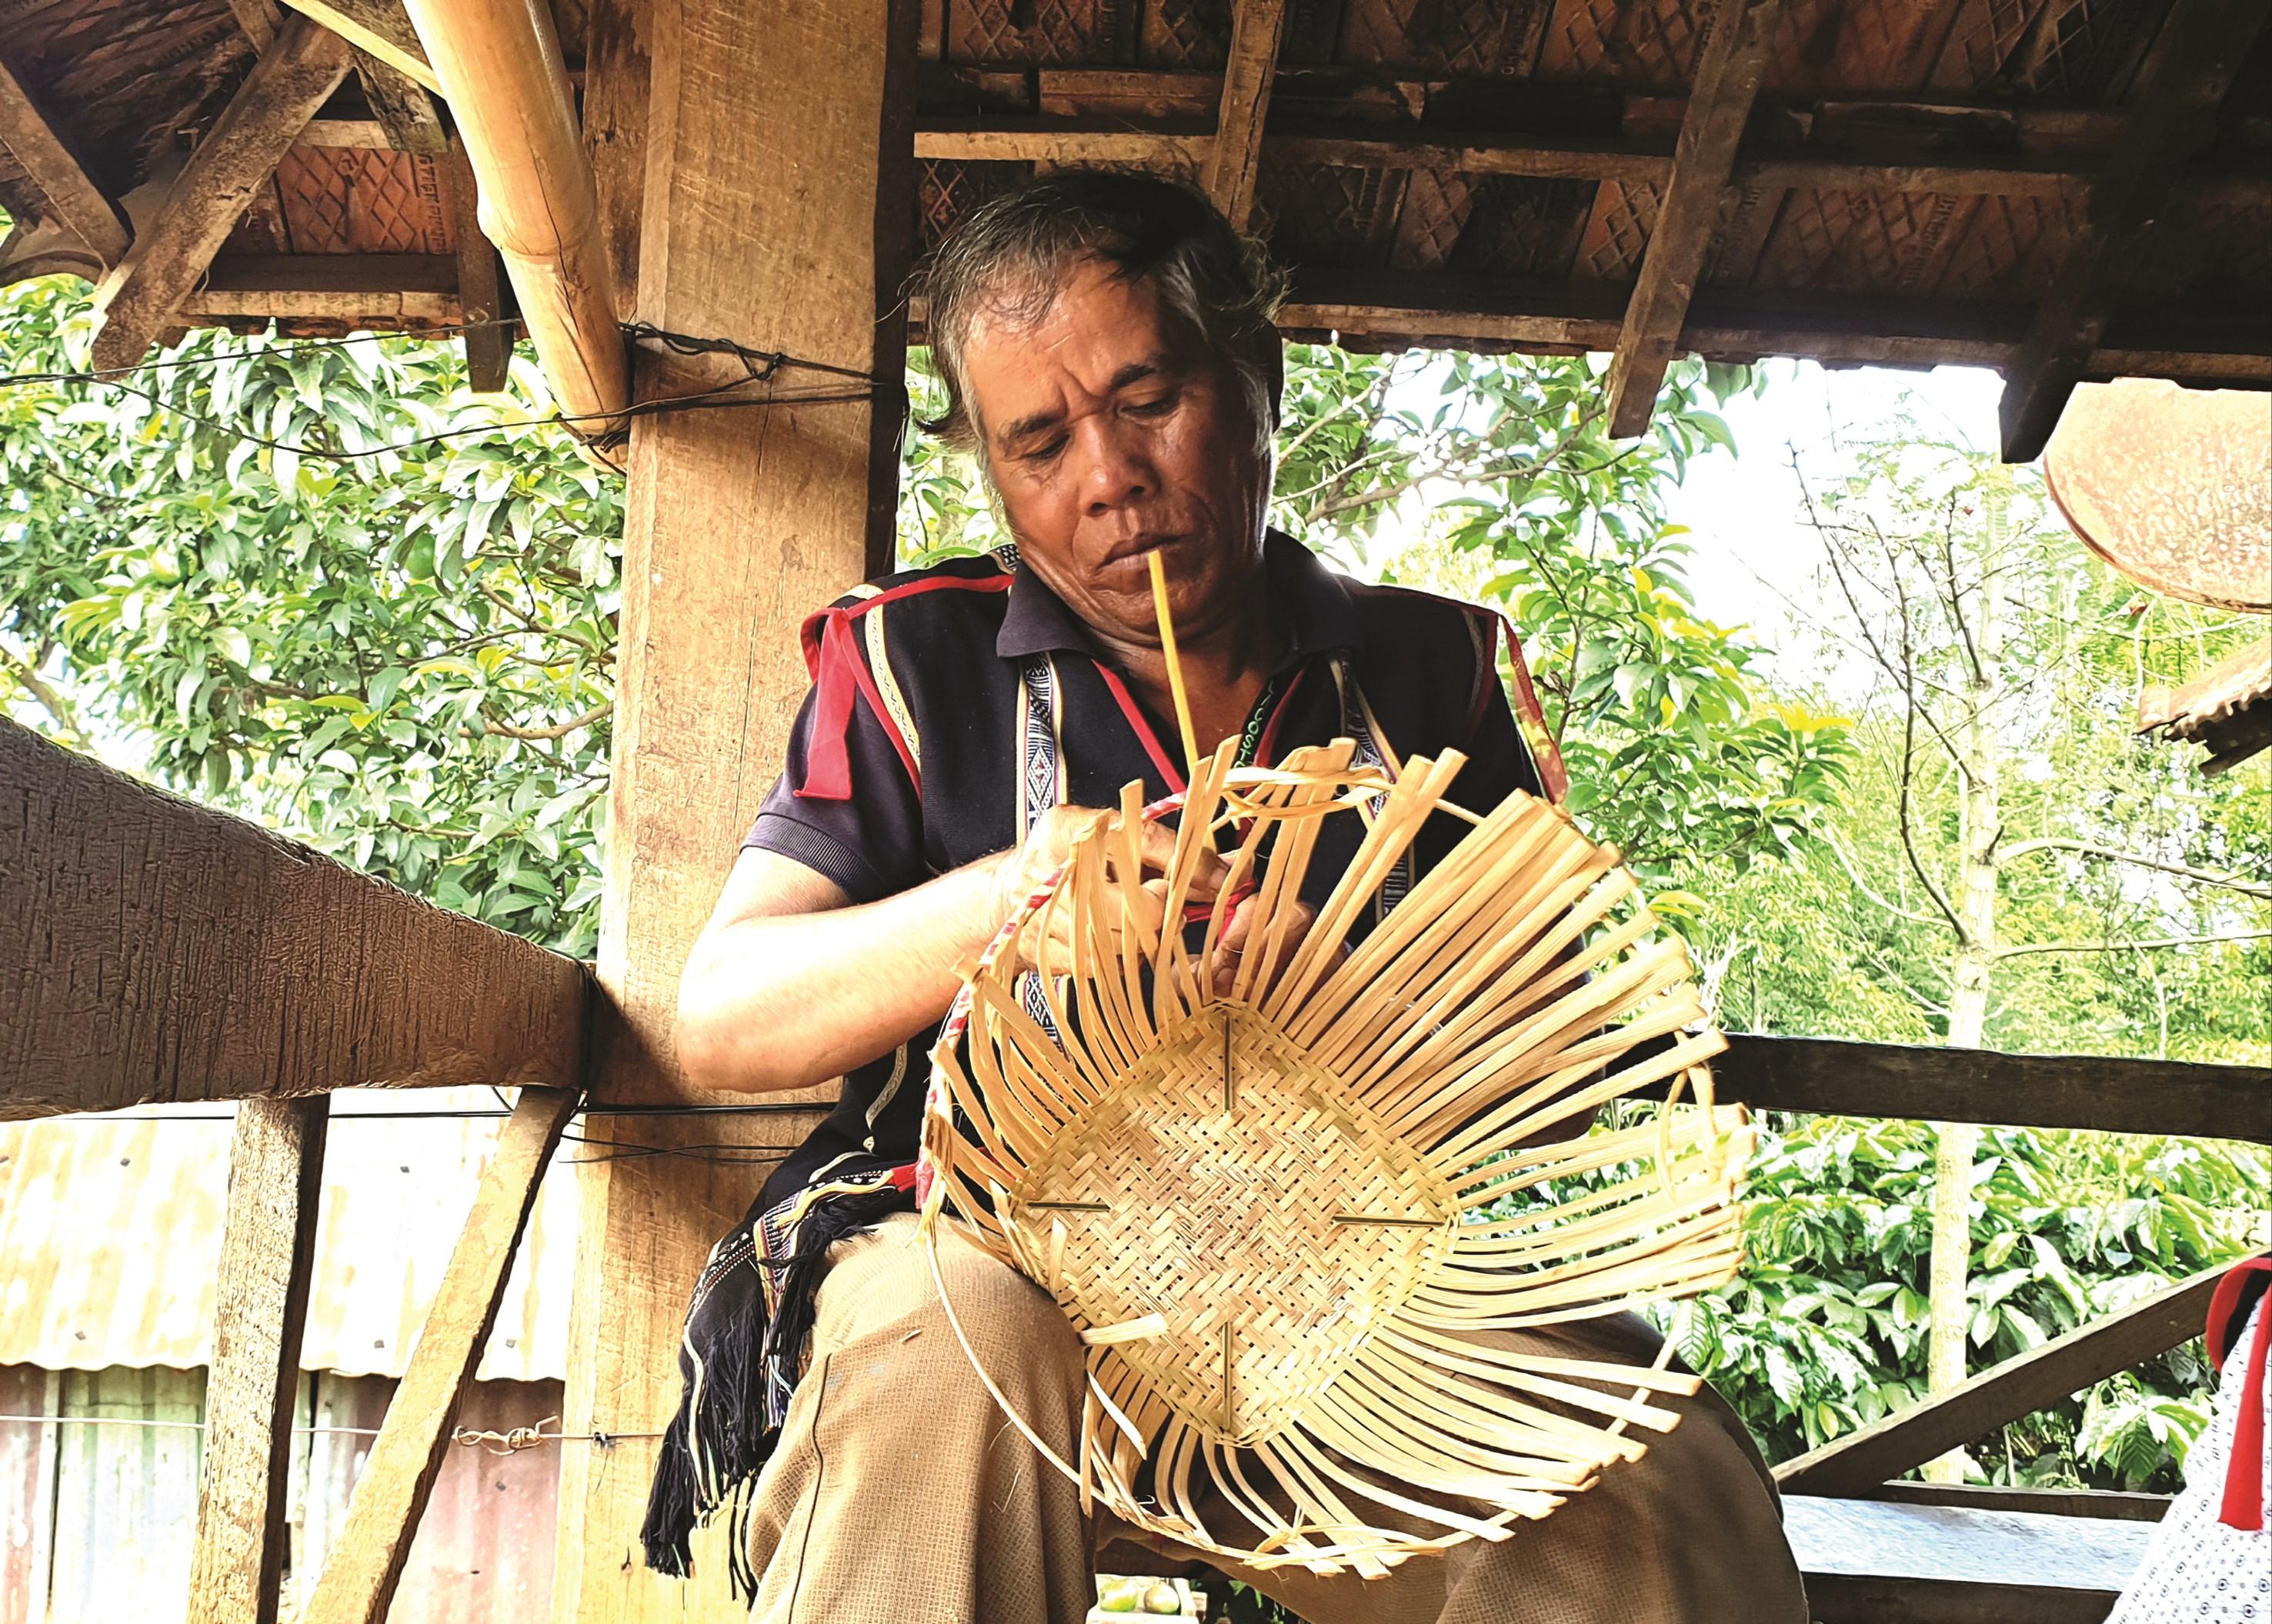 Nghề đan gùi được truyền lại cho thanh niên và đàn ông trong làng vì họ có đôi tay rắn chắc.